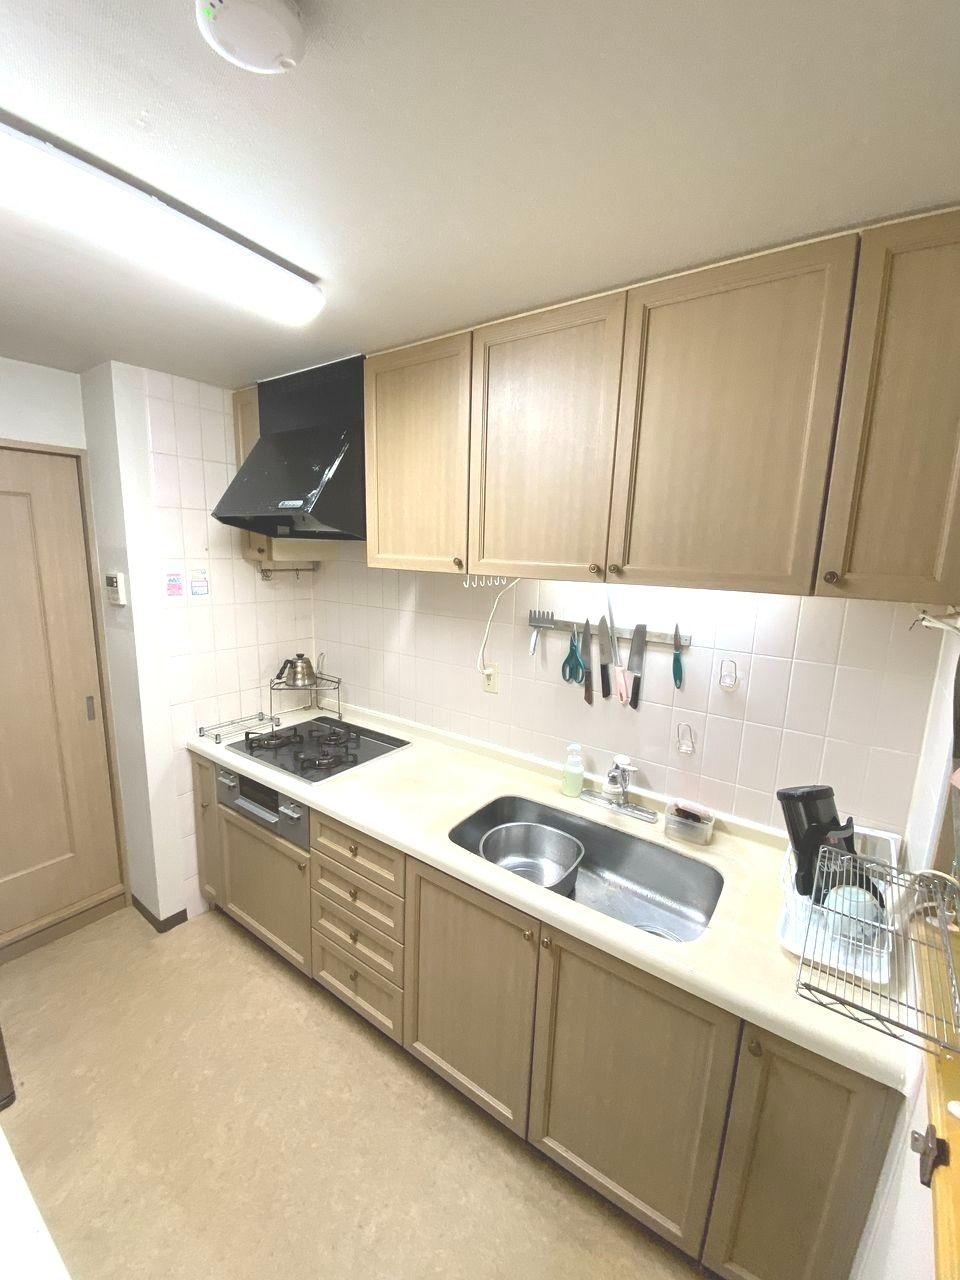 左側の引き戸を開けば洗面化粧室へつながる家事動線が良い間取りです。背面に食器ボードを置くスペースもあります。